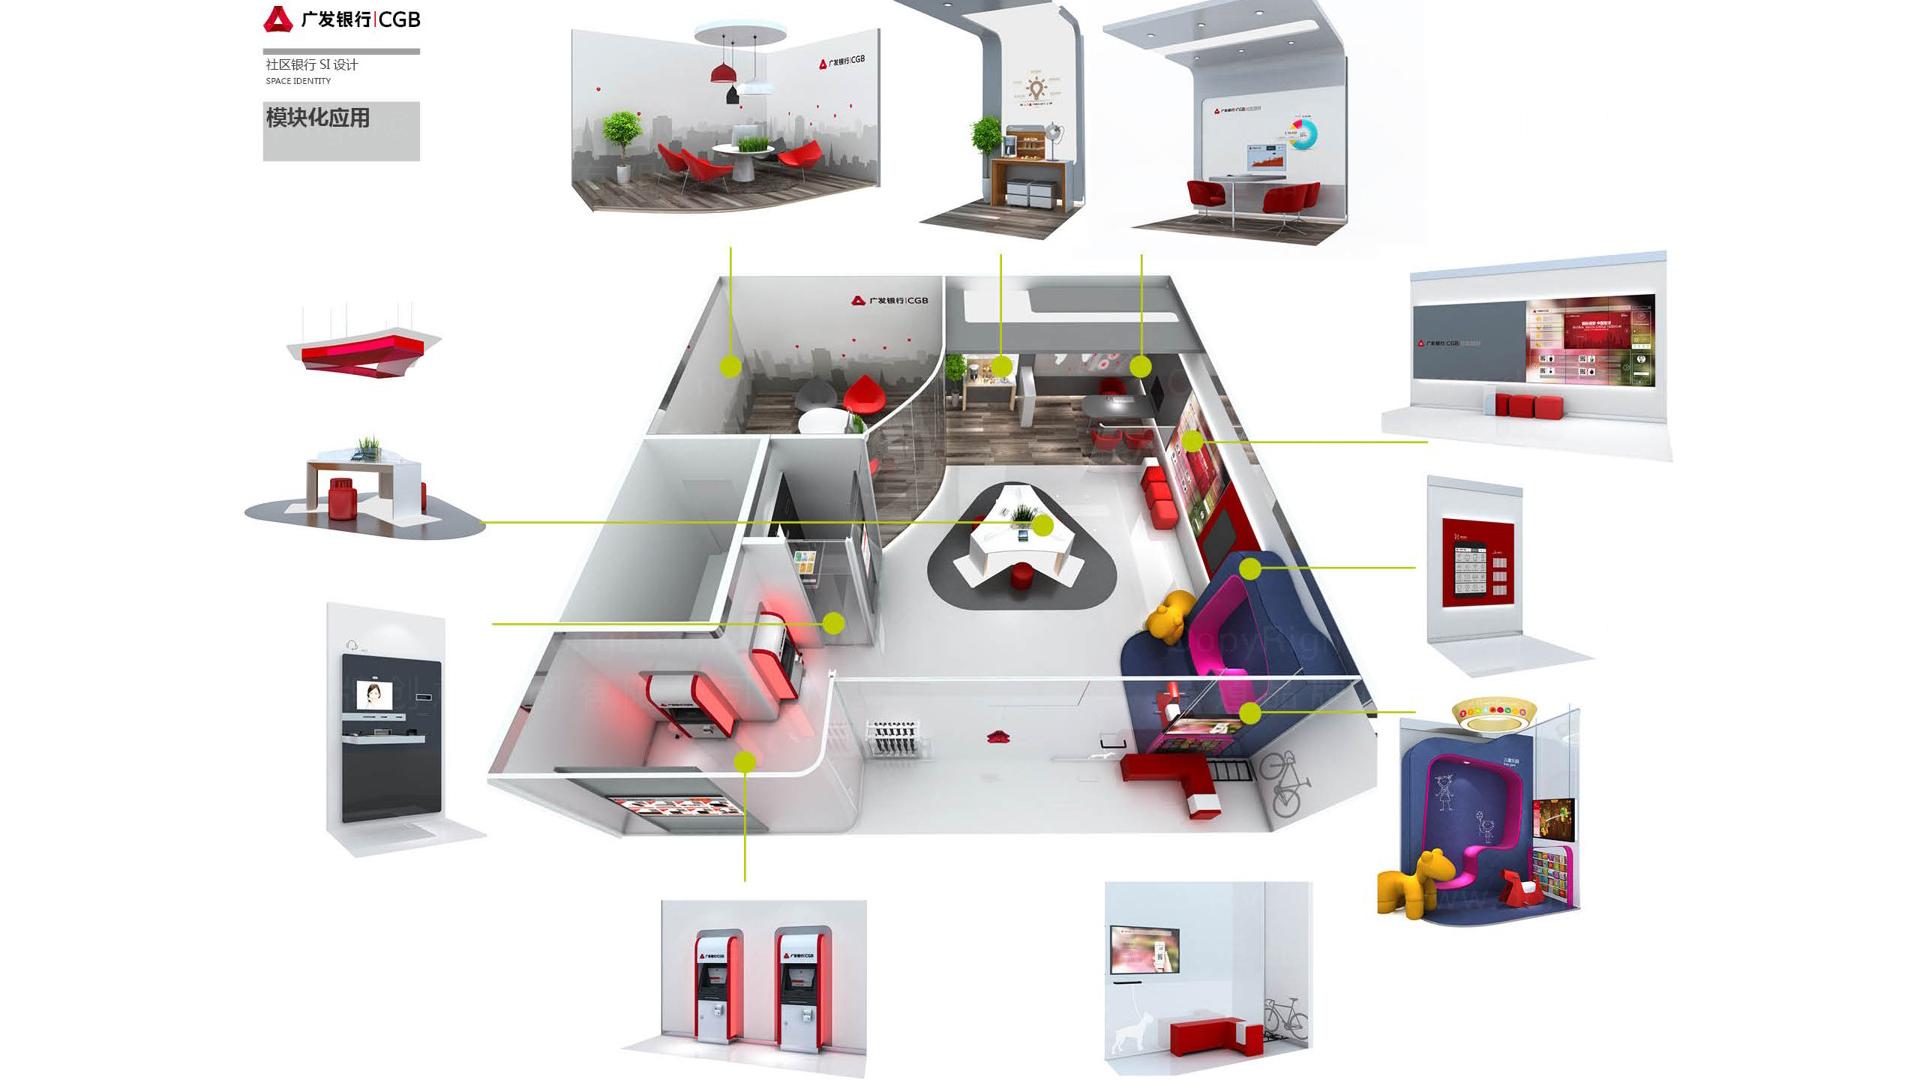 商业空间&导示广发银行社区支行标准化装修方案及标准手册设计应用场景_2